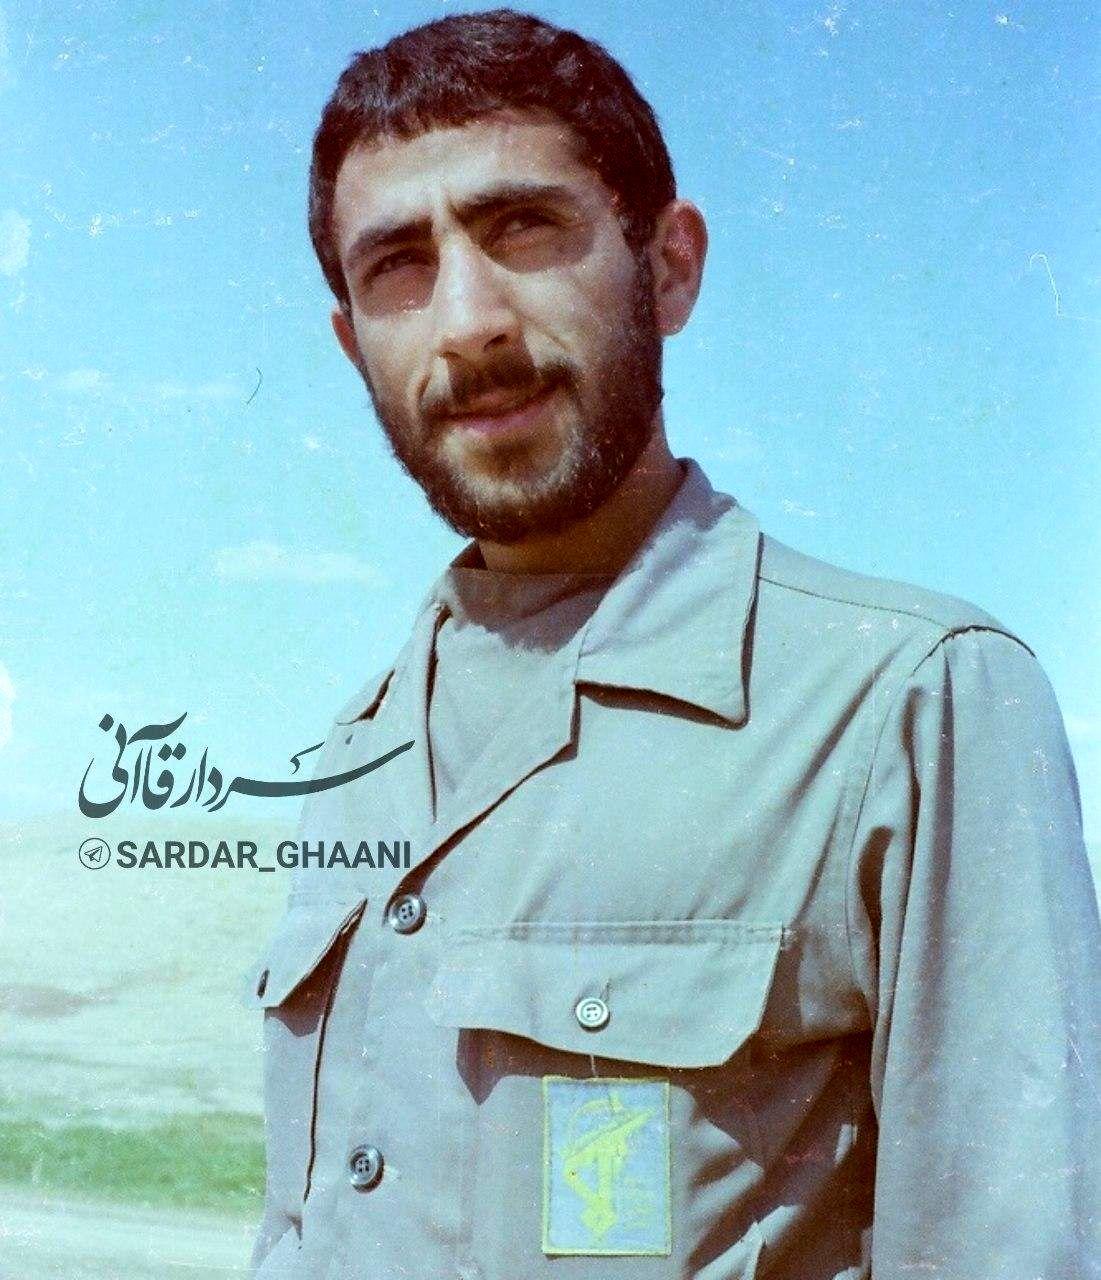 جدیدترین تصویر منتشر شده از سردار قاآنی در دوران دفاع مقدس